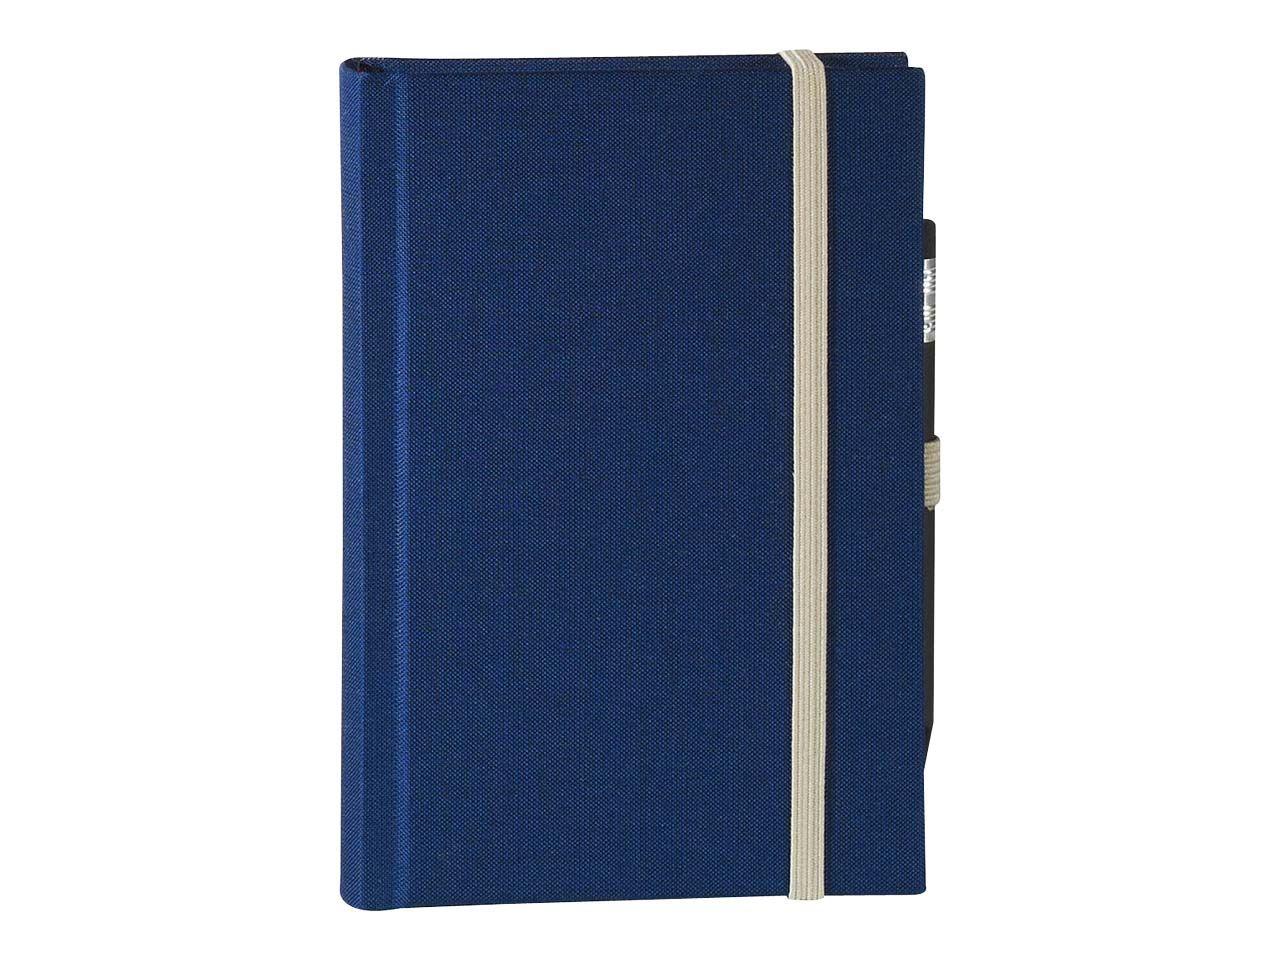 memo Skizzenbuch Leinen A6, (B 92 X H 134 mm) blau, 160 Seiten, Zeichenband,1 0164gar